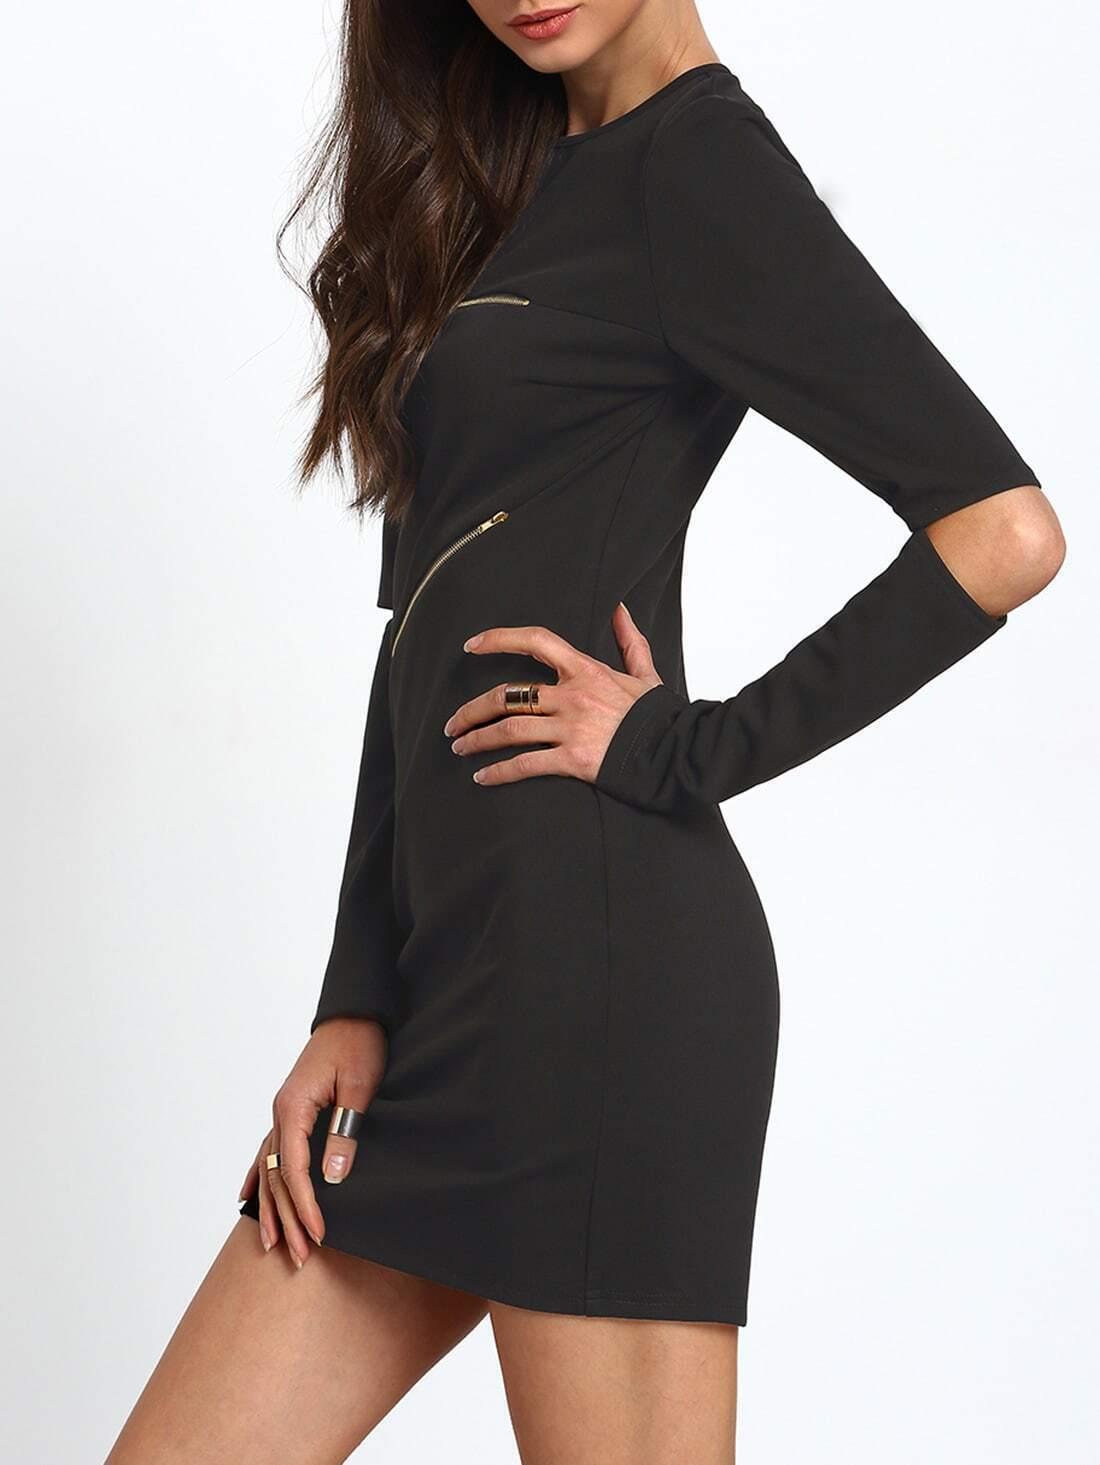 how to fix a split zipper on a dress